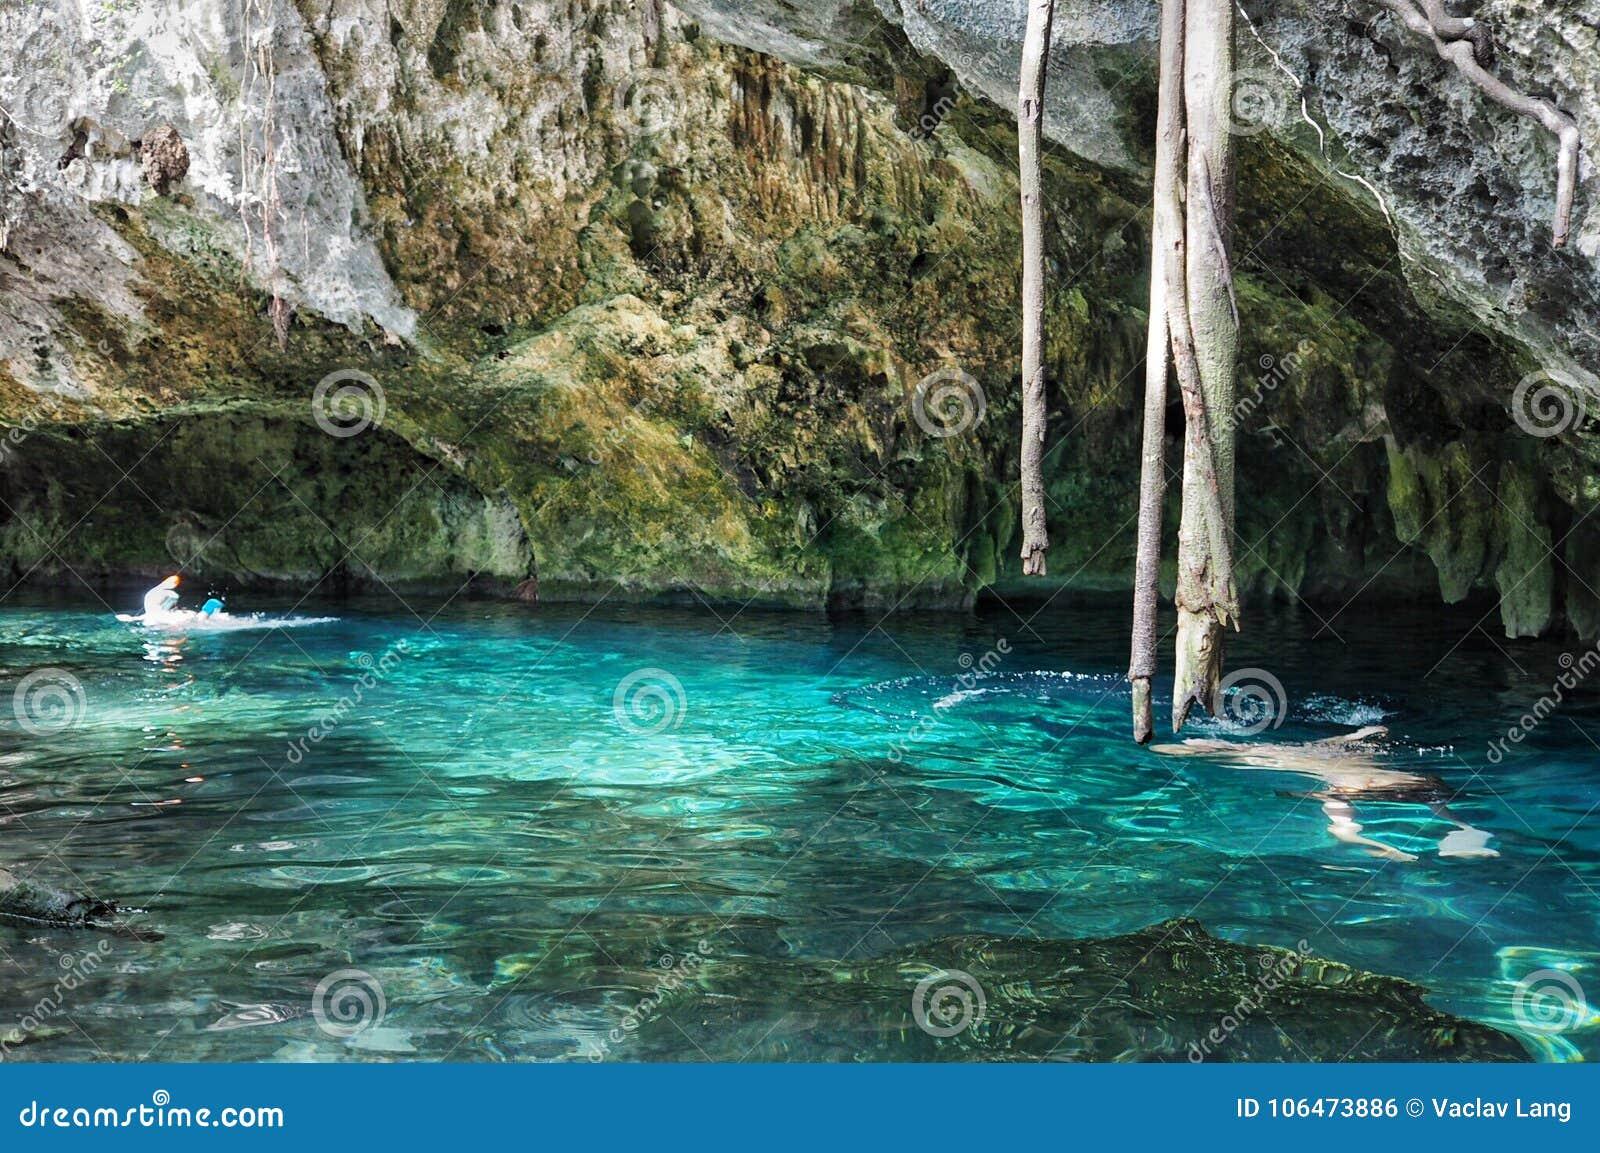 Gran Cenote in Yucatan, Mexico